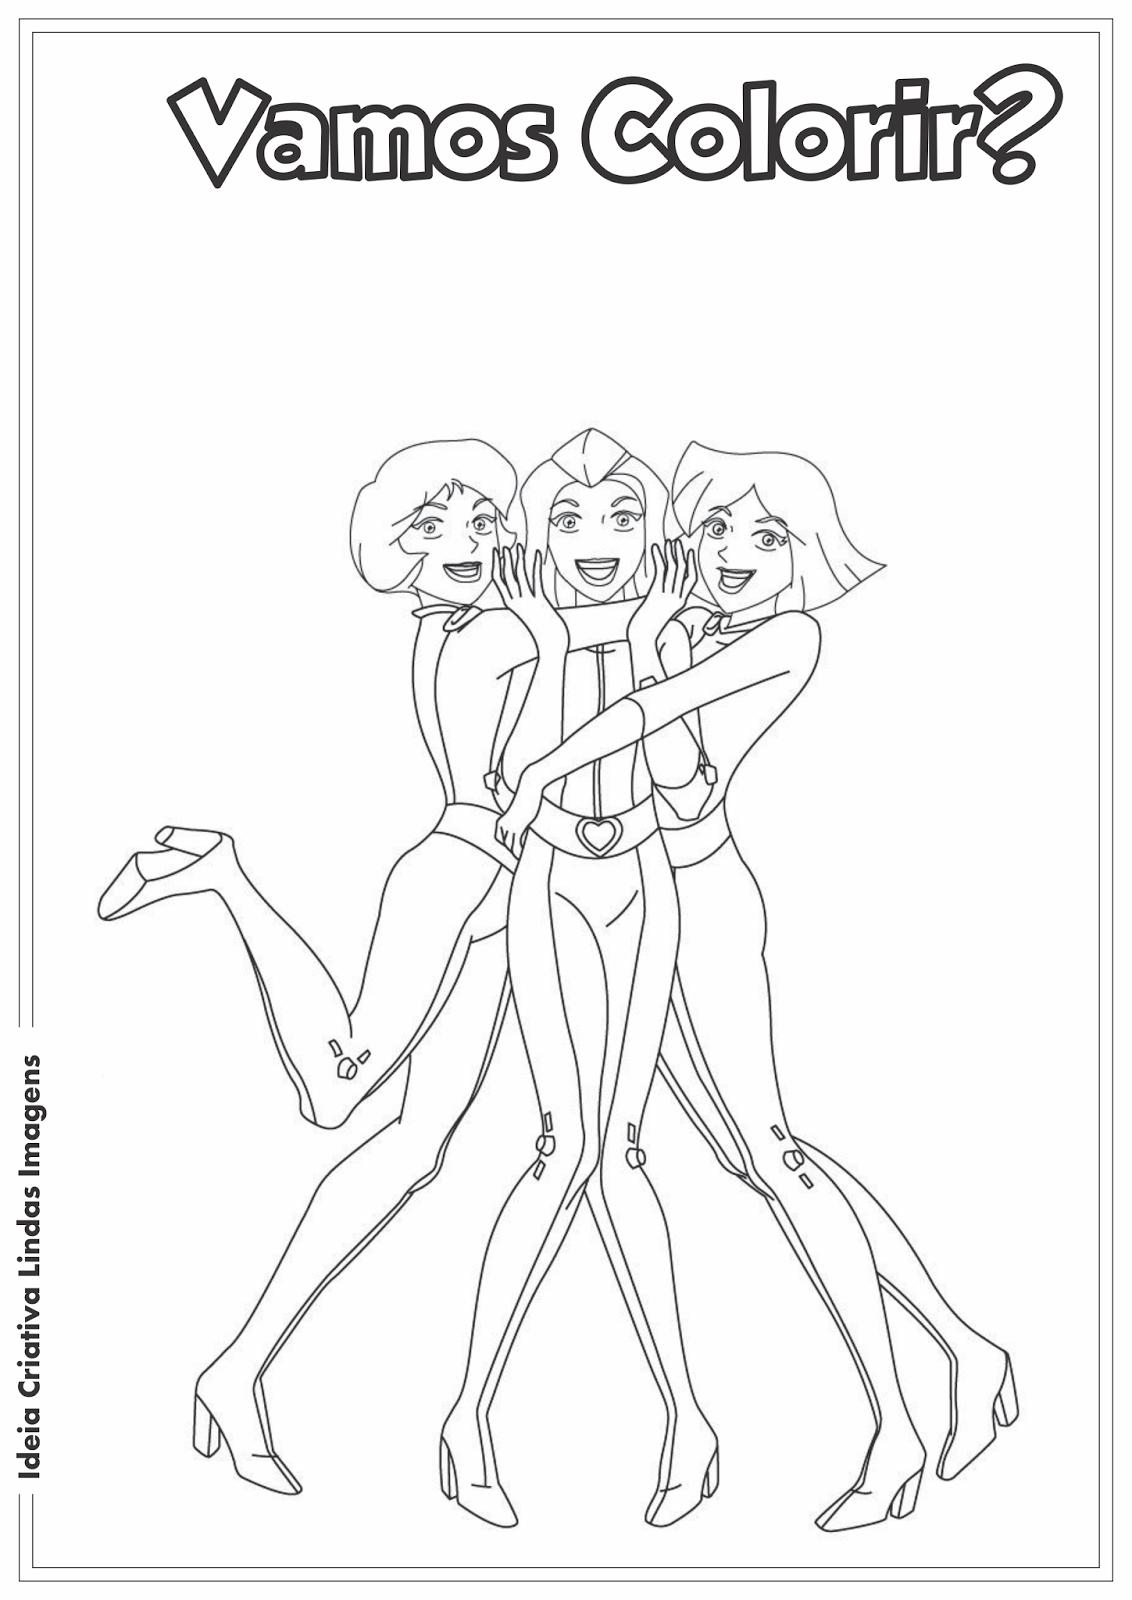 Três Espiãs Demais desenho pra colorir